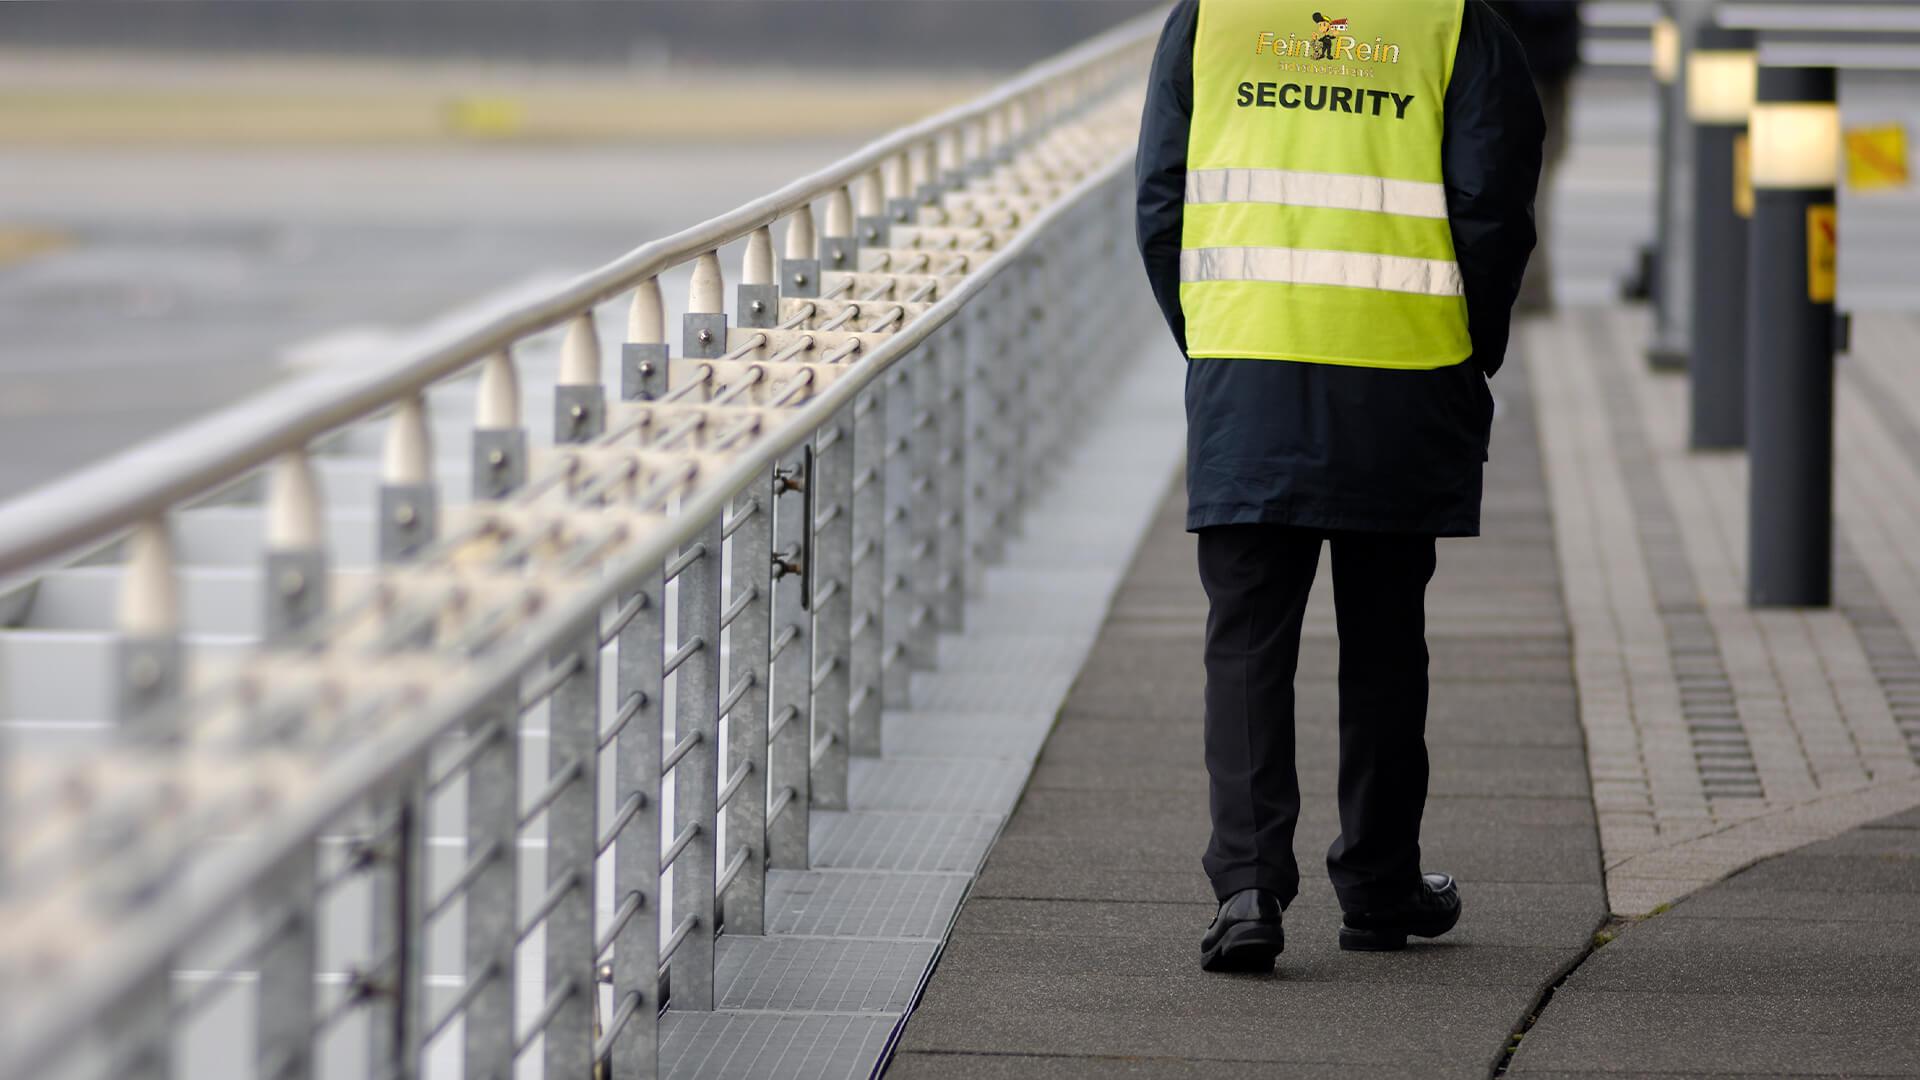 Fein & Rein Sicherheitsdienst bei der Arbeit